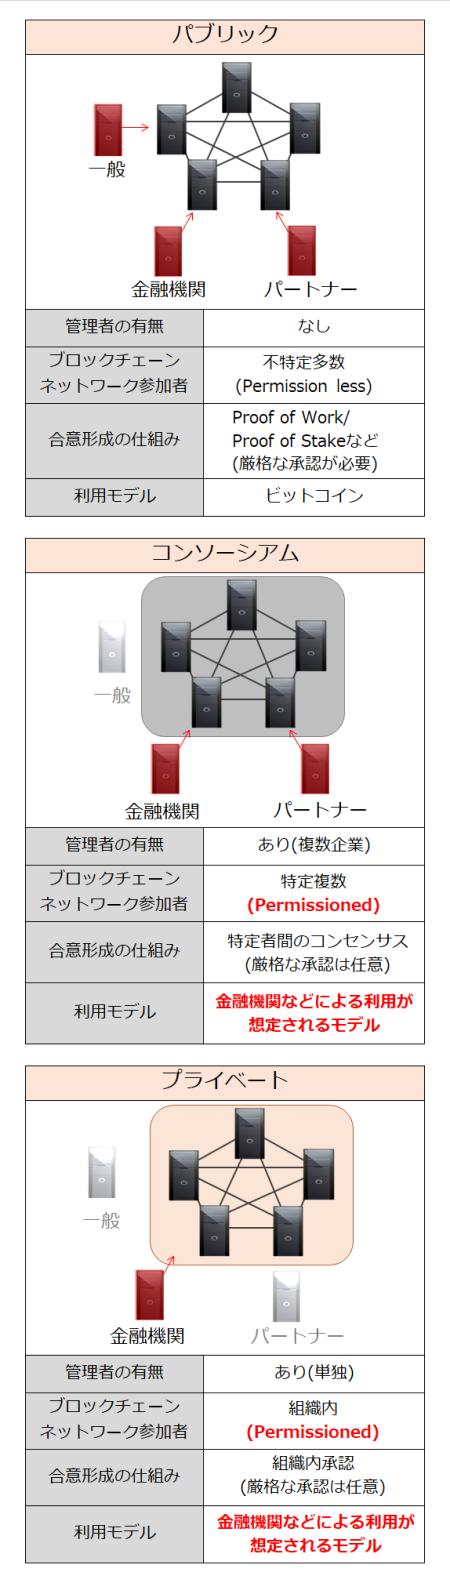 図3 パブリックチェーンとプライベートチェーン